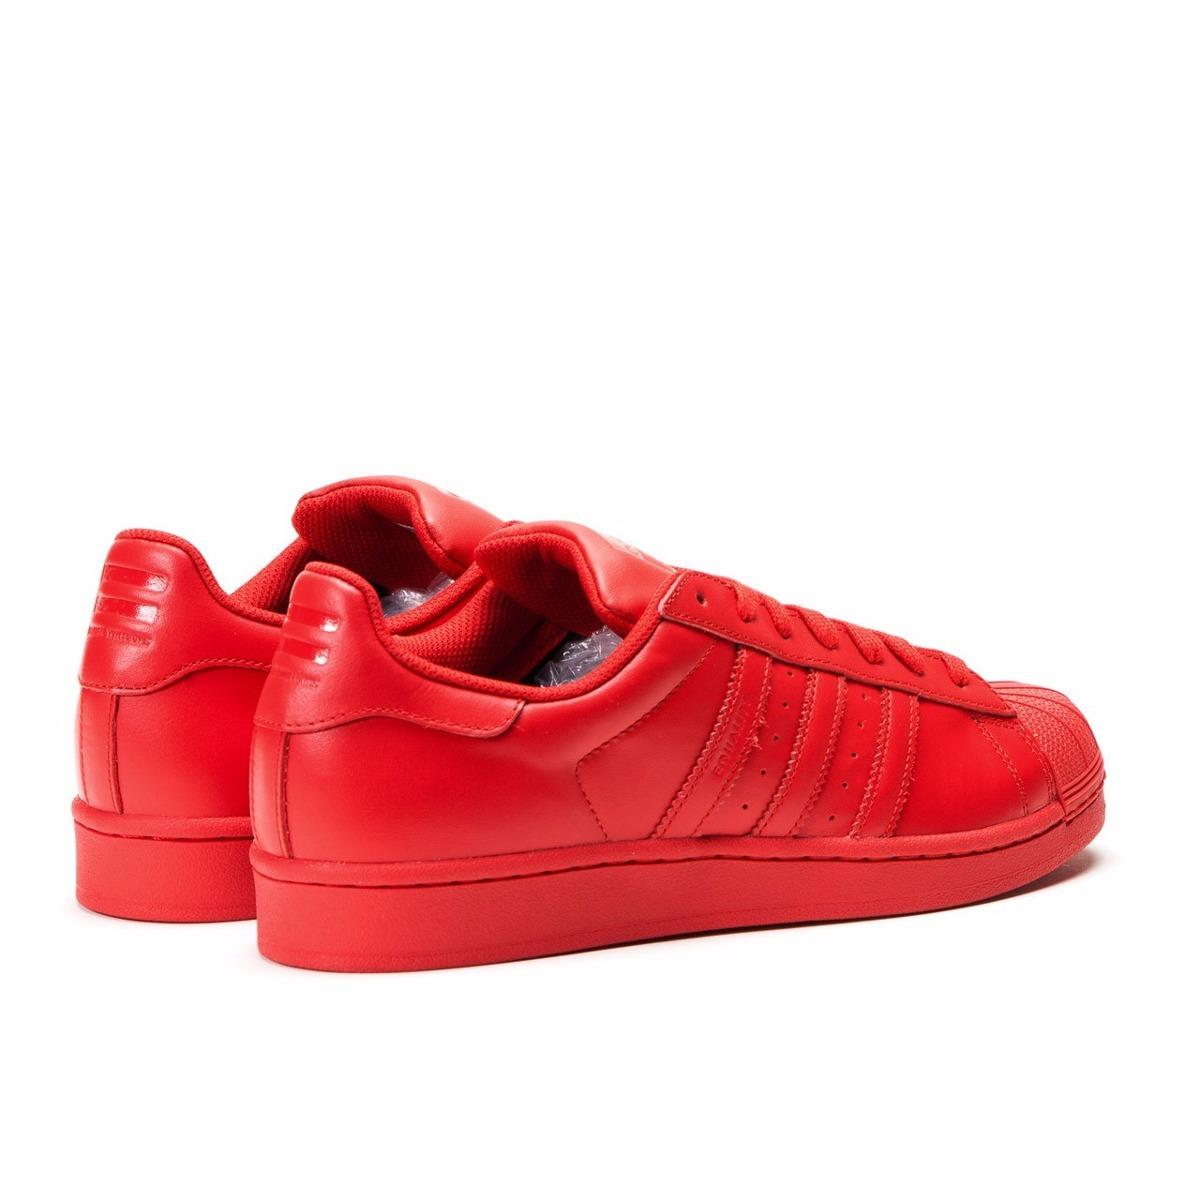 tenis adidas rojos mujer